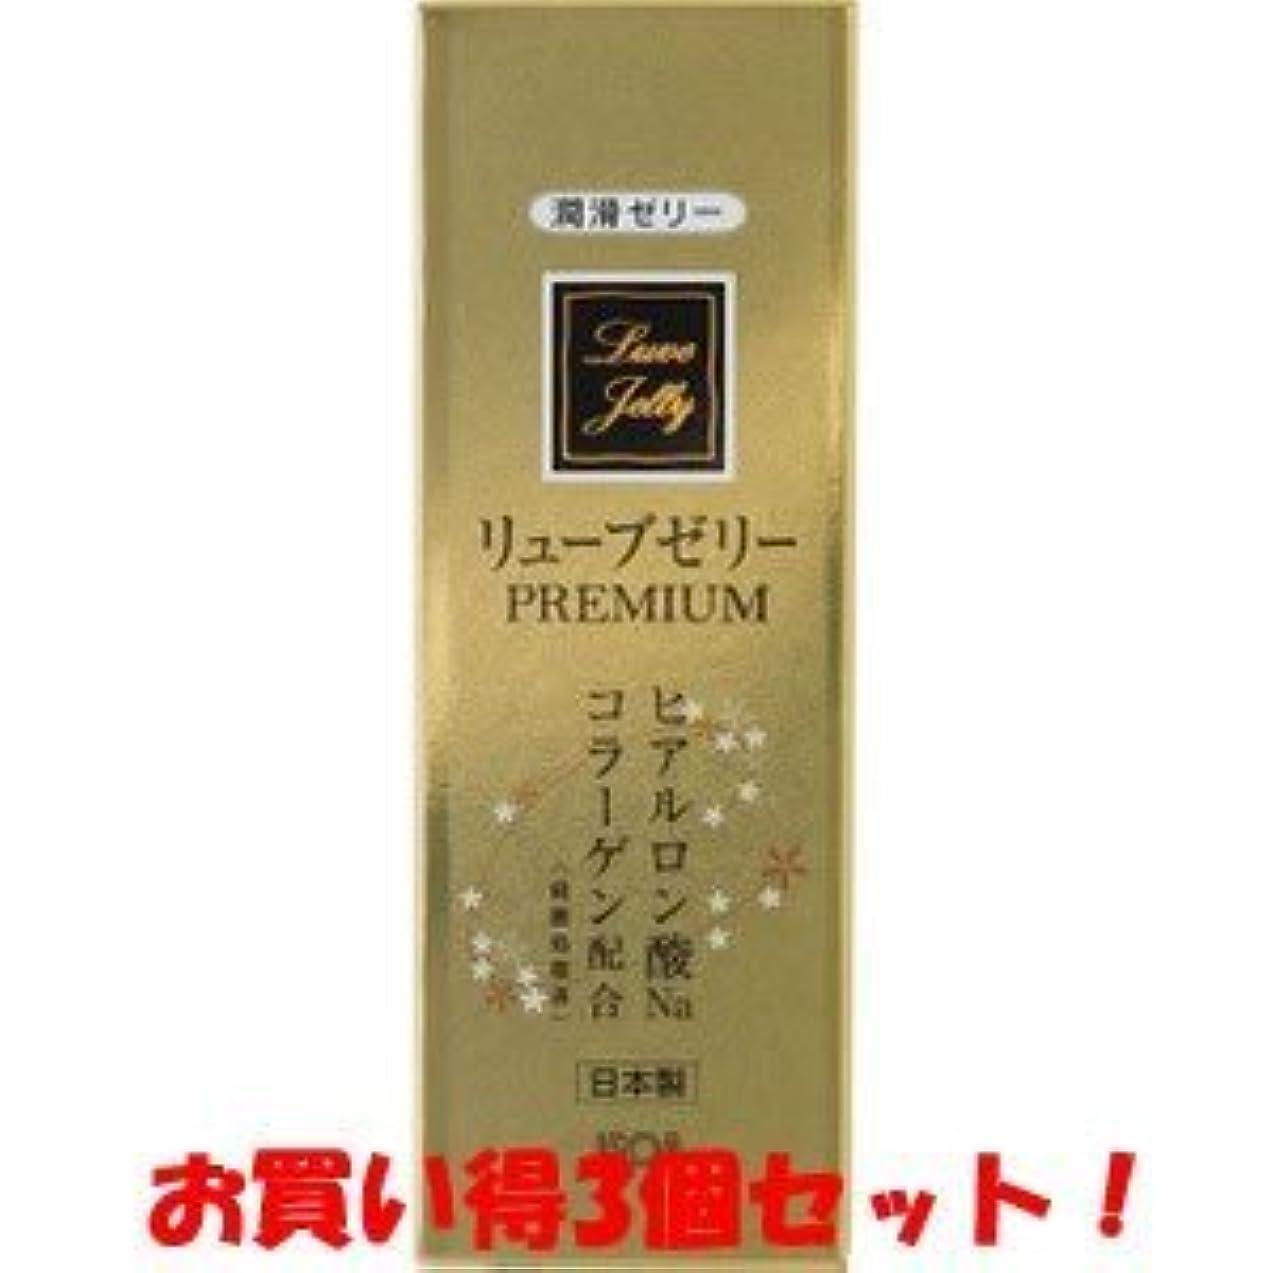 シュートくしゃくしゃニュース(ジェクス)リューブゼリー プレミアム PREMIUM 55g(お買い得3個セット)